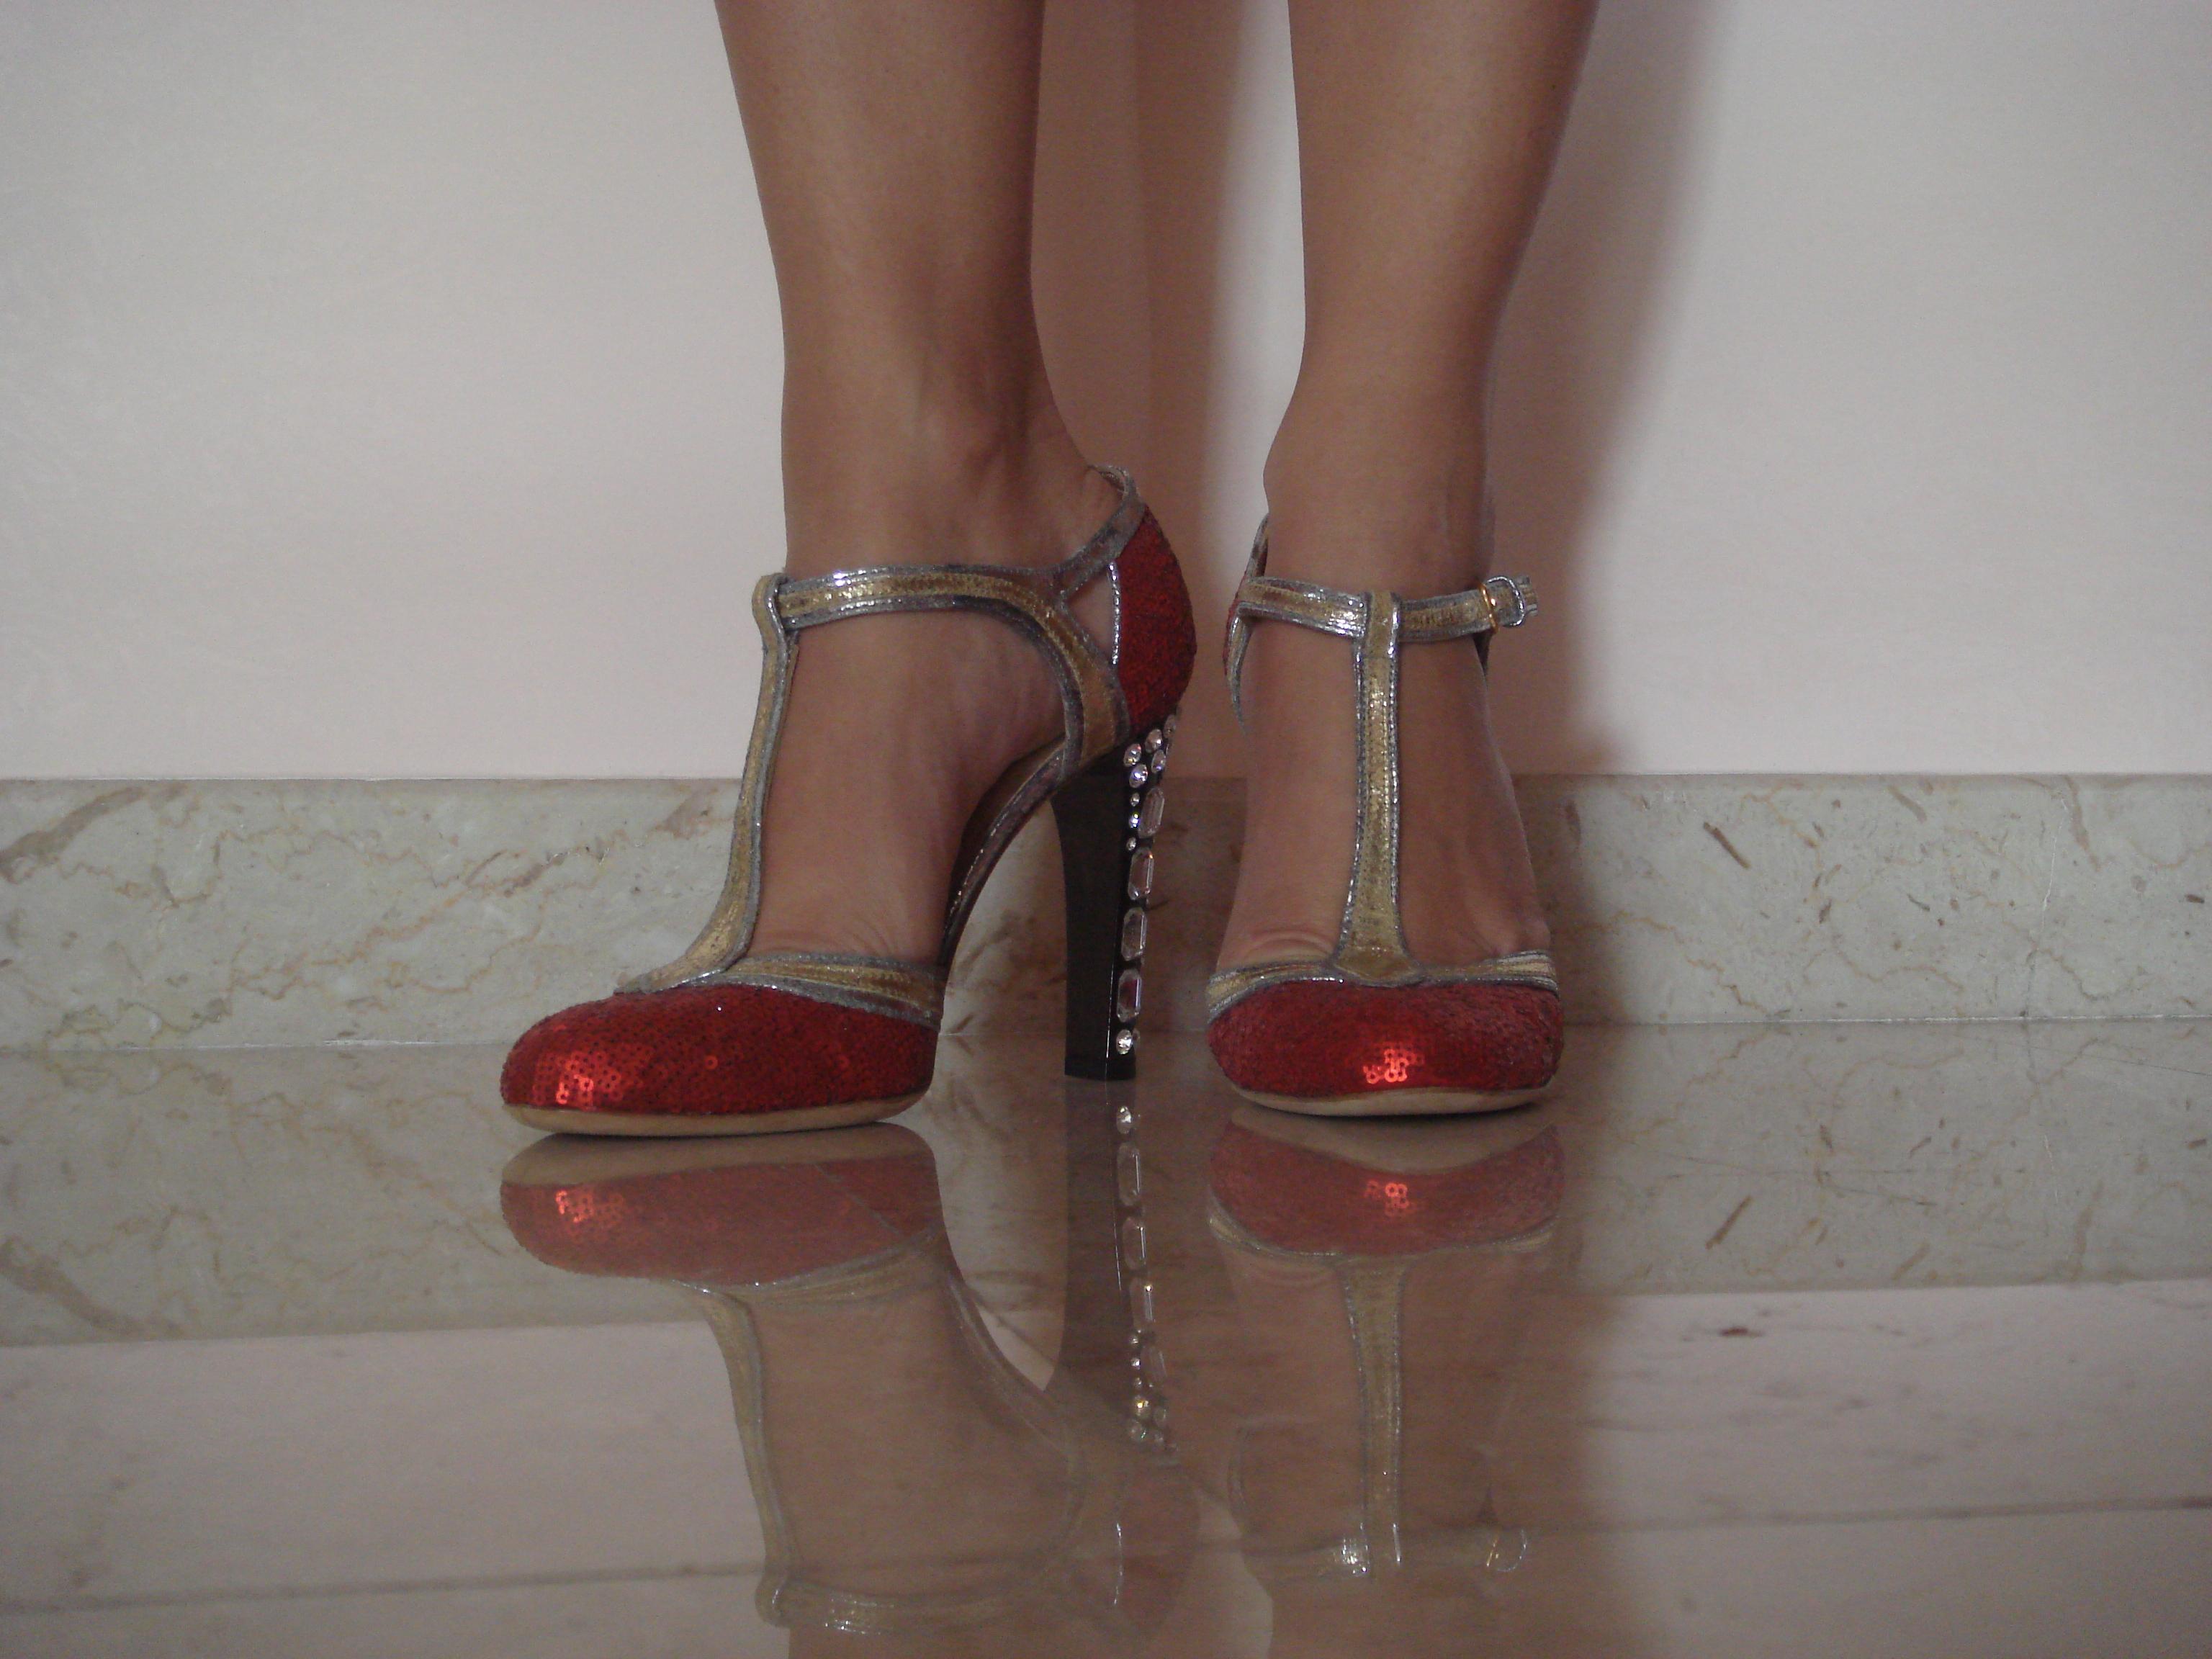 scarpe rosse miu miu